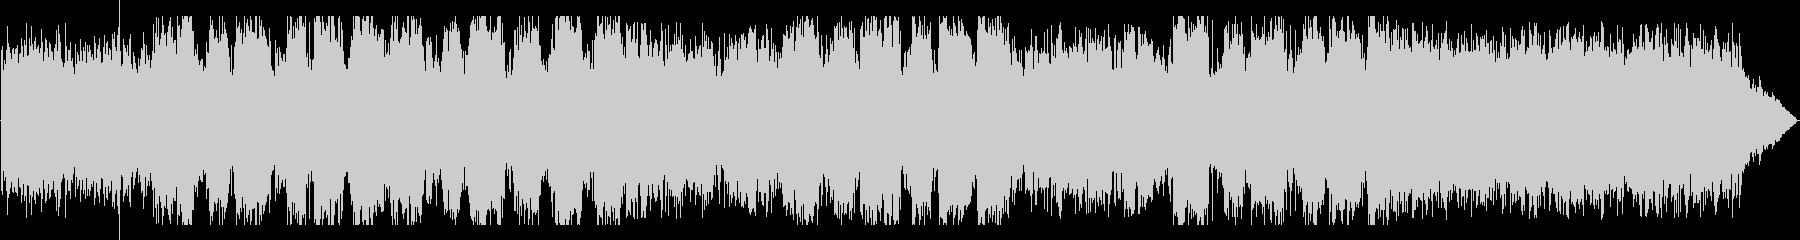 ポップ音響研究所弾むような陽気で幸...の未再生の波形